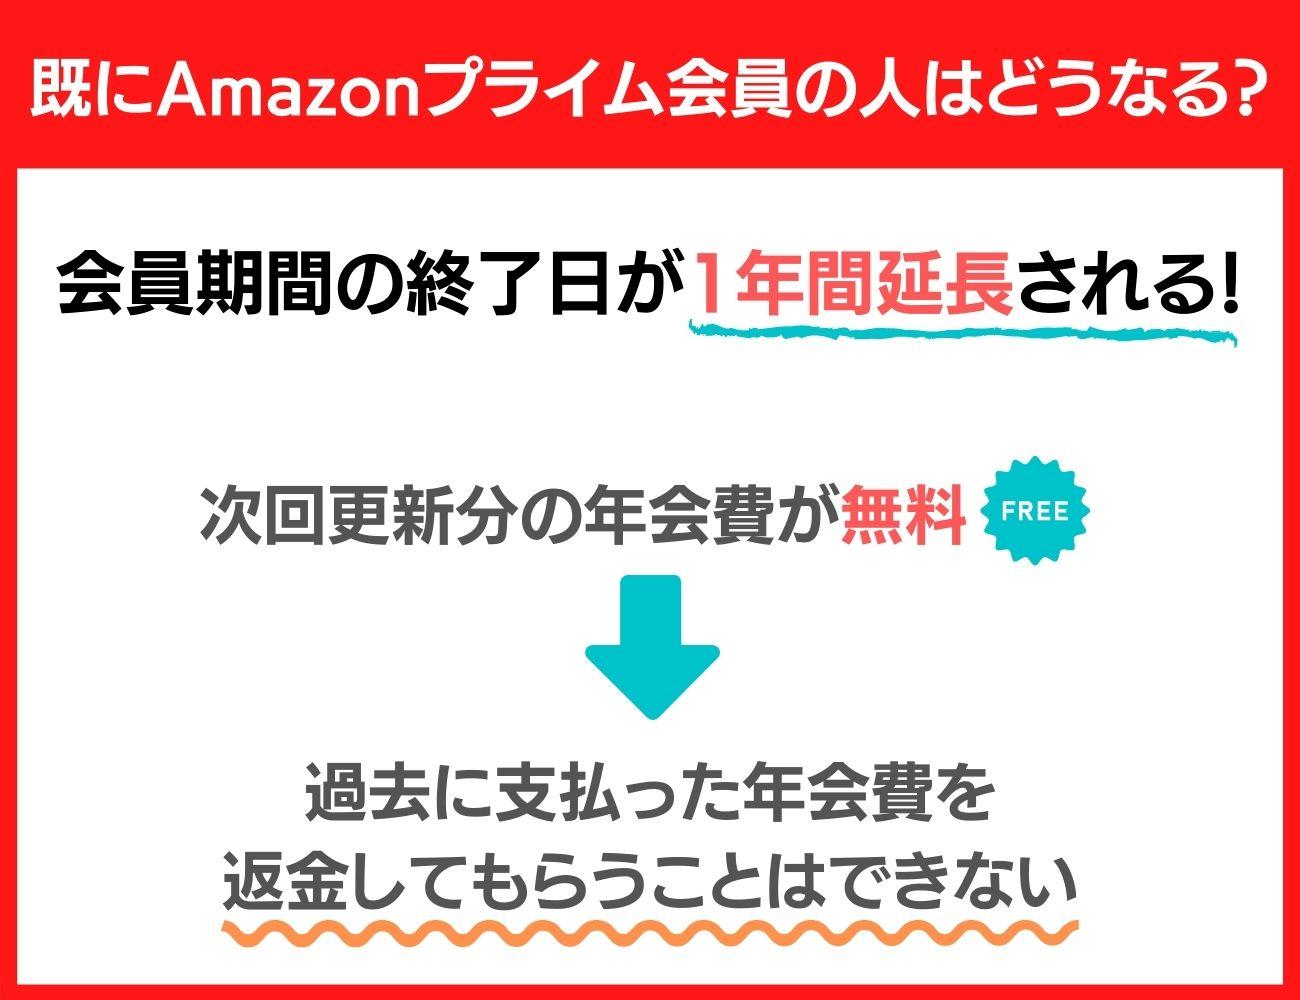 Amazonプライムの既存会員は1年間無料で延長に!